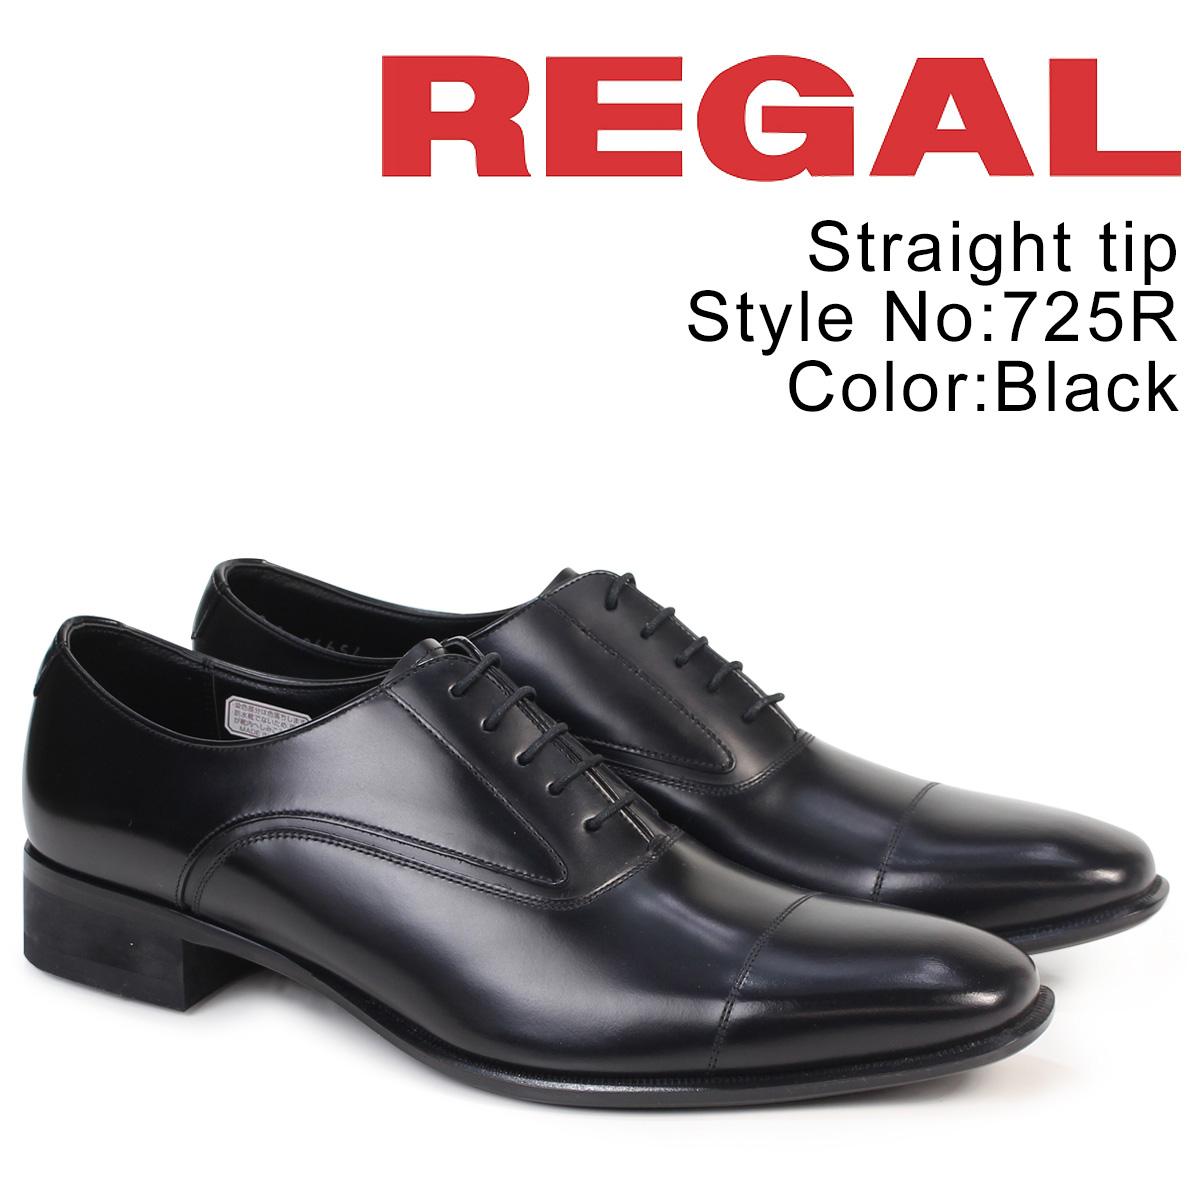 【最大2000円OFFクーポン】 リーガル REGAL 靴 メンズ ストレートチップ 725RAL ビジネスシューズ 日本製 ブラック